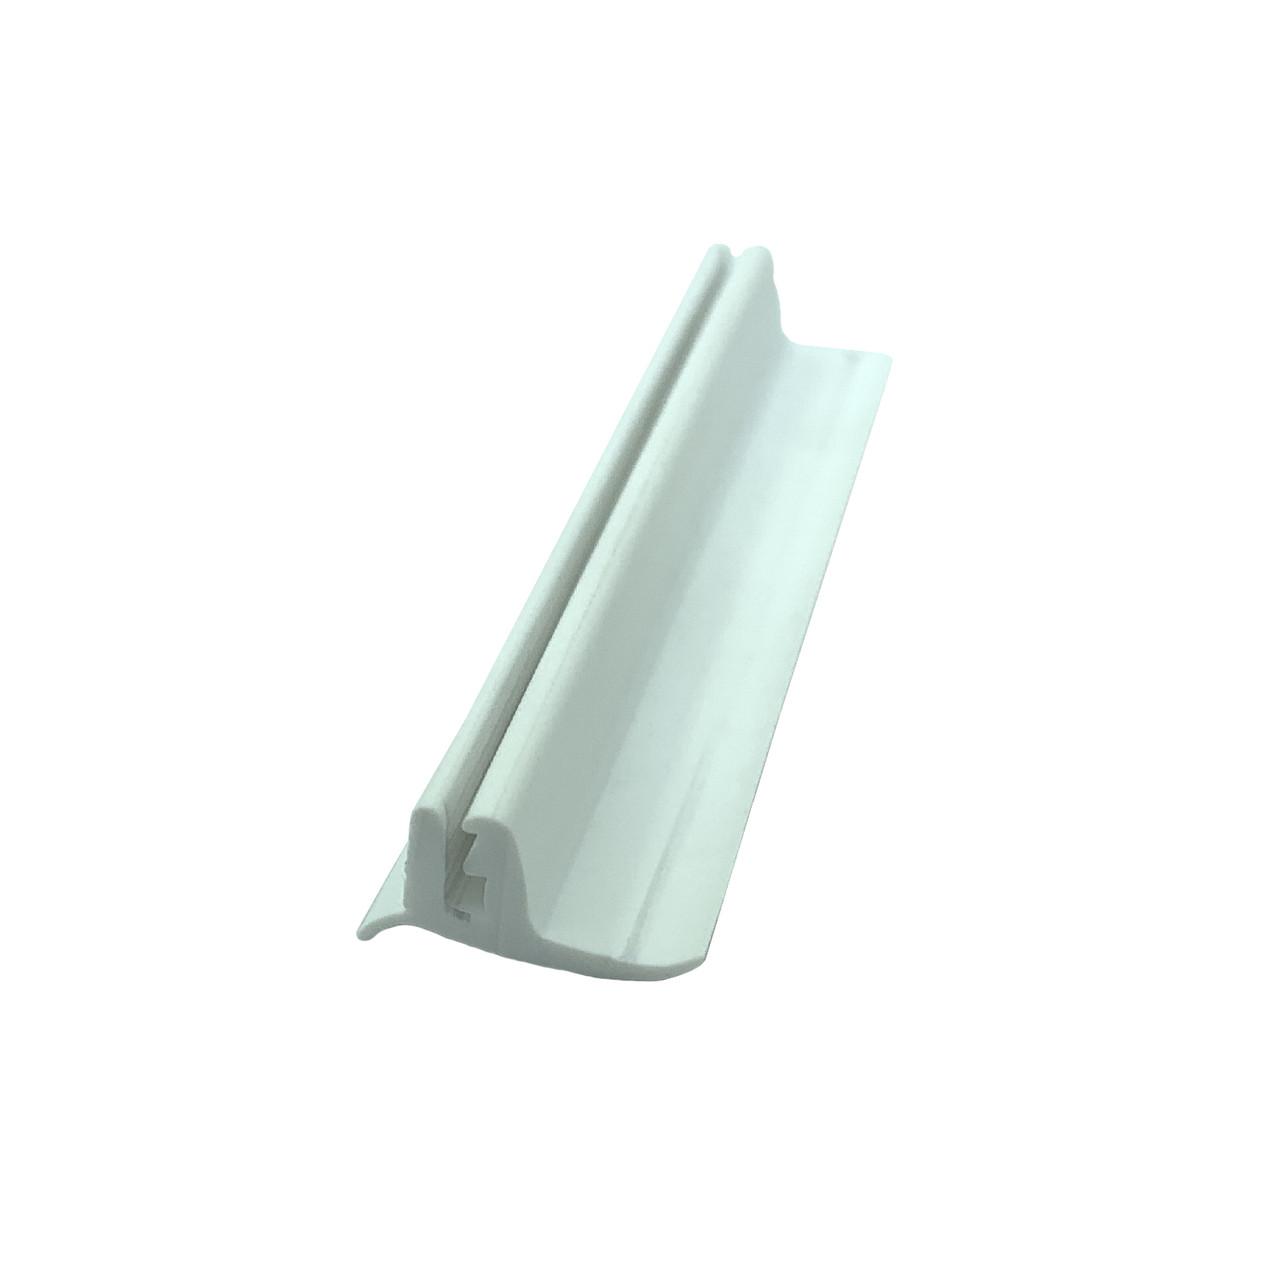 Вставка декоративна для натяжної стелі TLG (біла, ширина 15 мм)